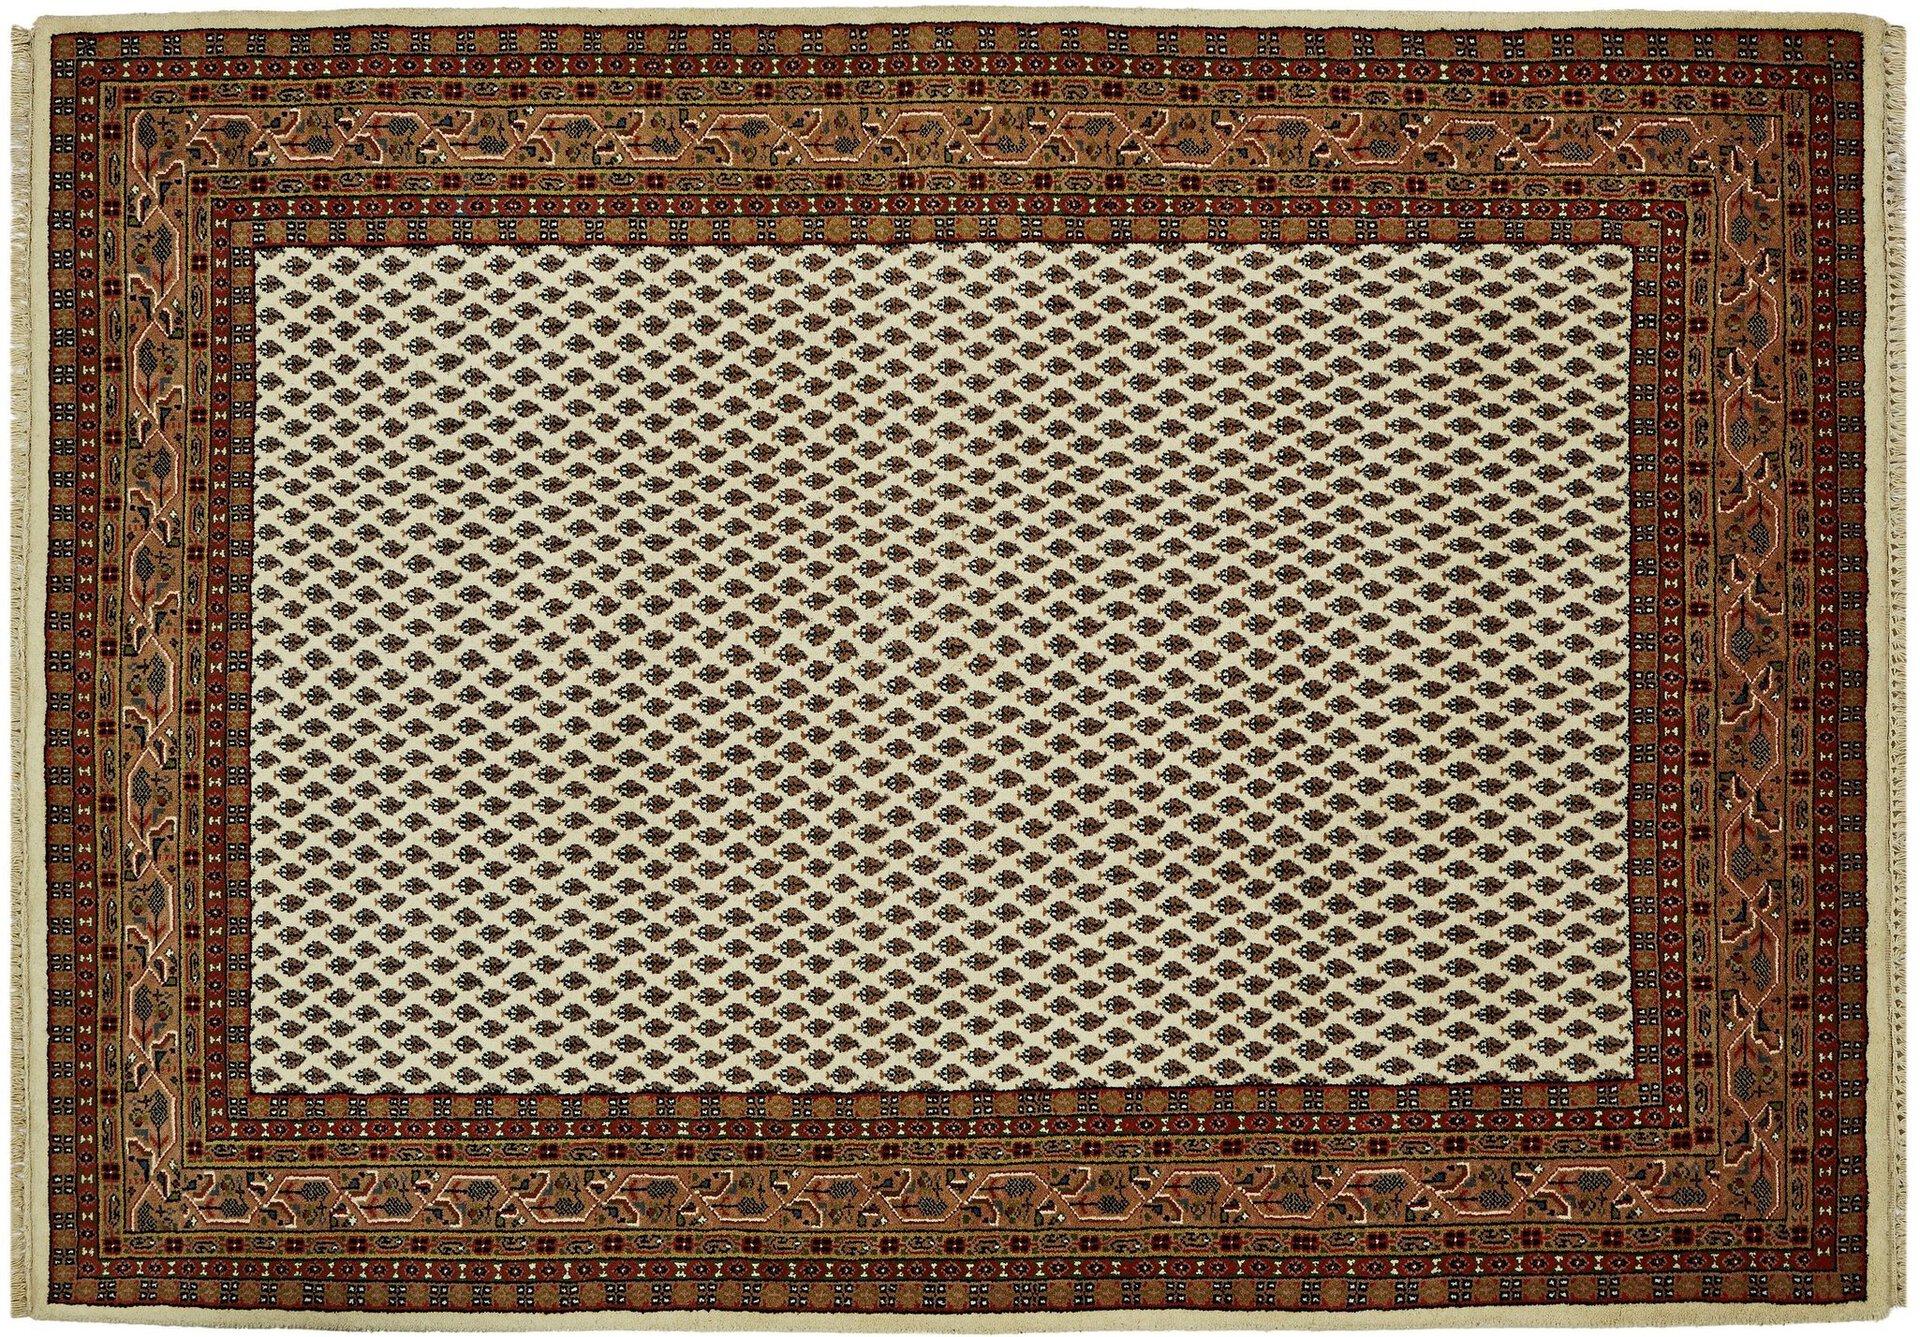 Orientteppich Bikaner Mir Rug Studios Textil beige 1 x 3 cm